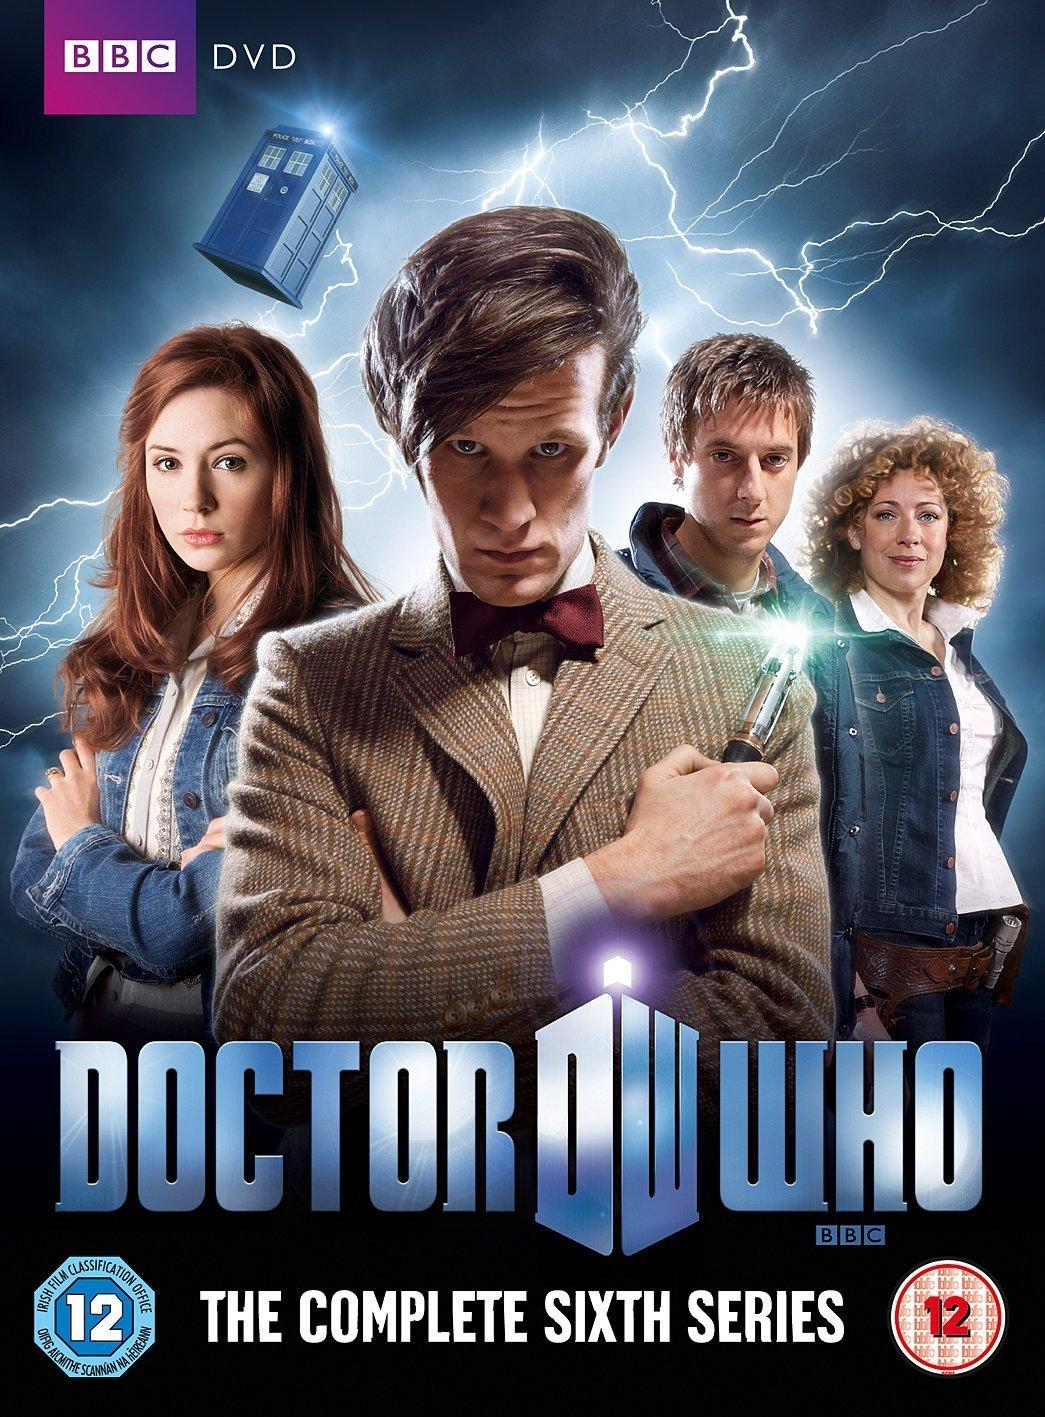 دانلود زیرنویس فارسی فیلم Doctor Who: Space/Time